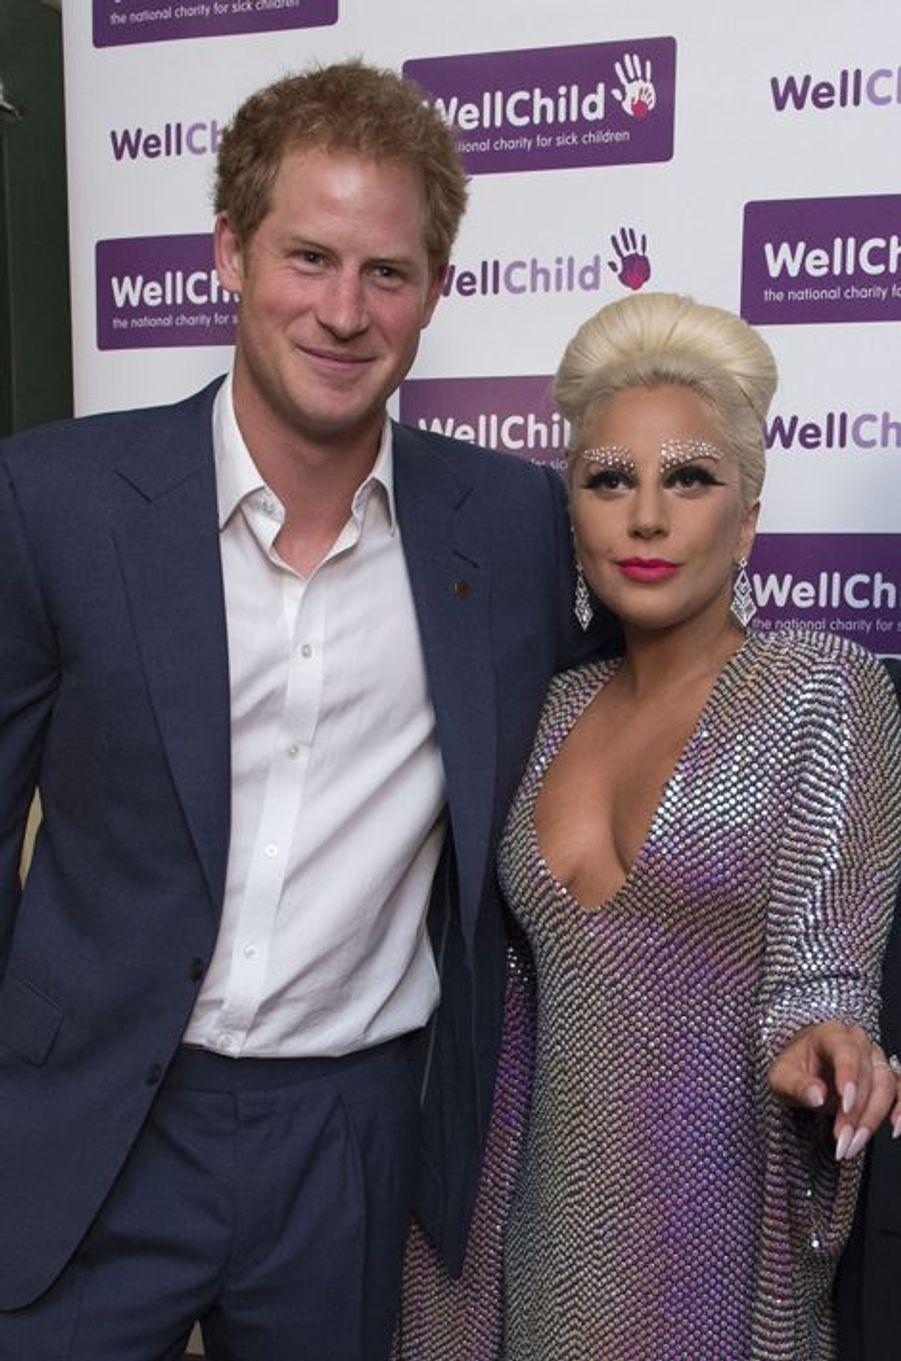 Il ne l'avait apparemment jamais encore rencontrée. Ce lundi 8 juin, le prince Harry a fait la connaissance de la sulfureuse chanteuse américaine Lady Gaga, venue chanter au Royal Albert Hall à Londres au profit de l'association WeelChild qu'il parraine.Chaque dimanche, le Royal Blog de Paris Match vous propose de voir ou revoir les plus belles photographies de la semaine royale.